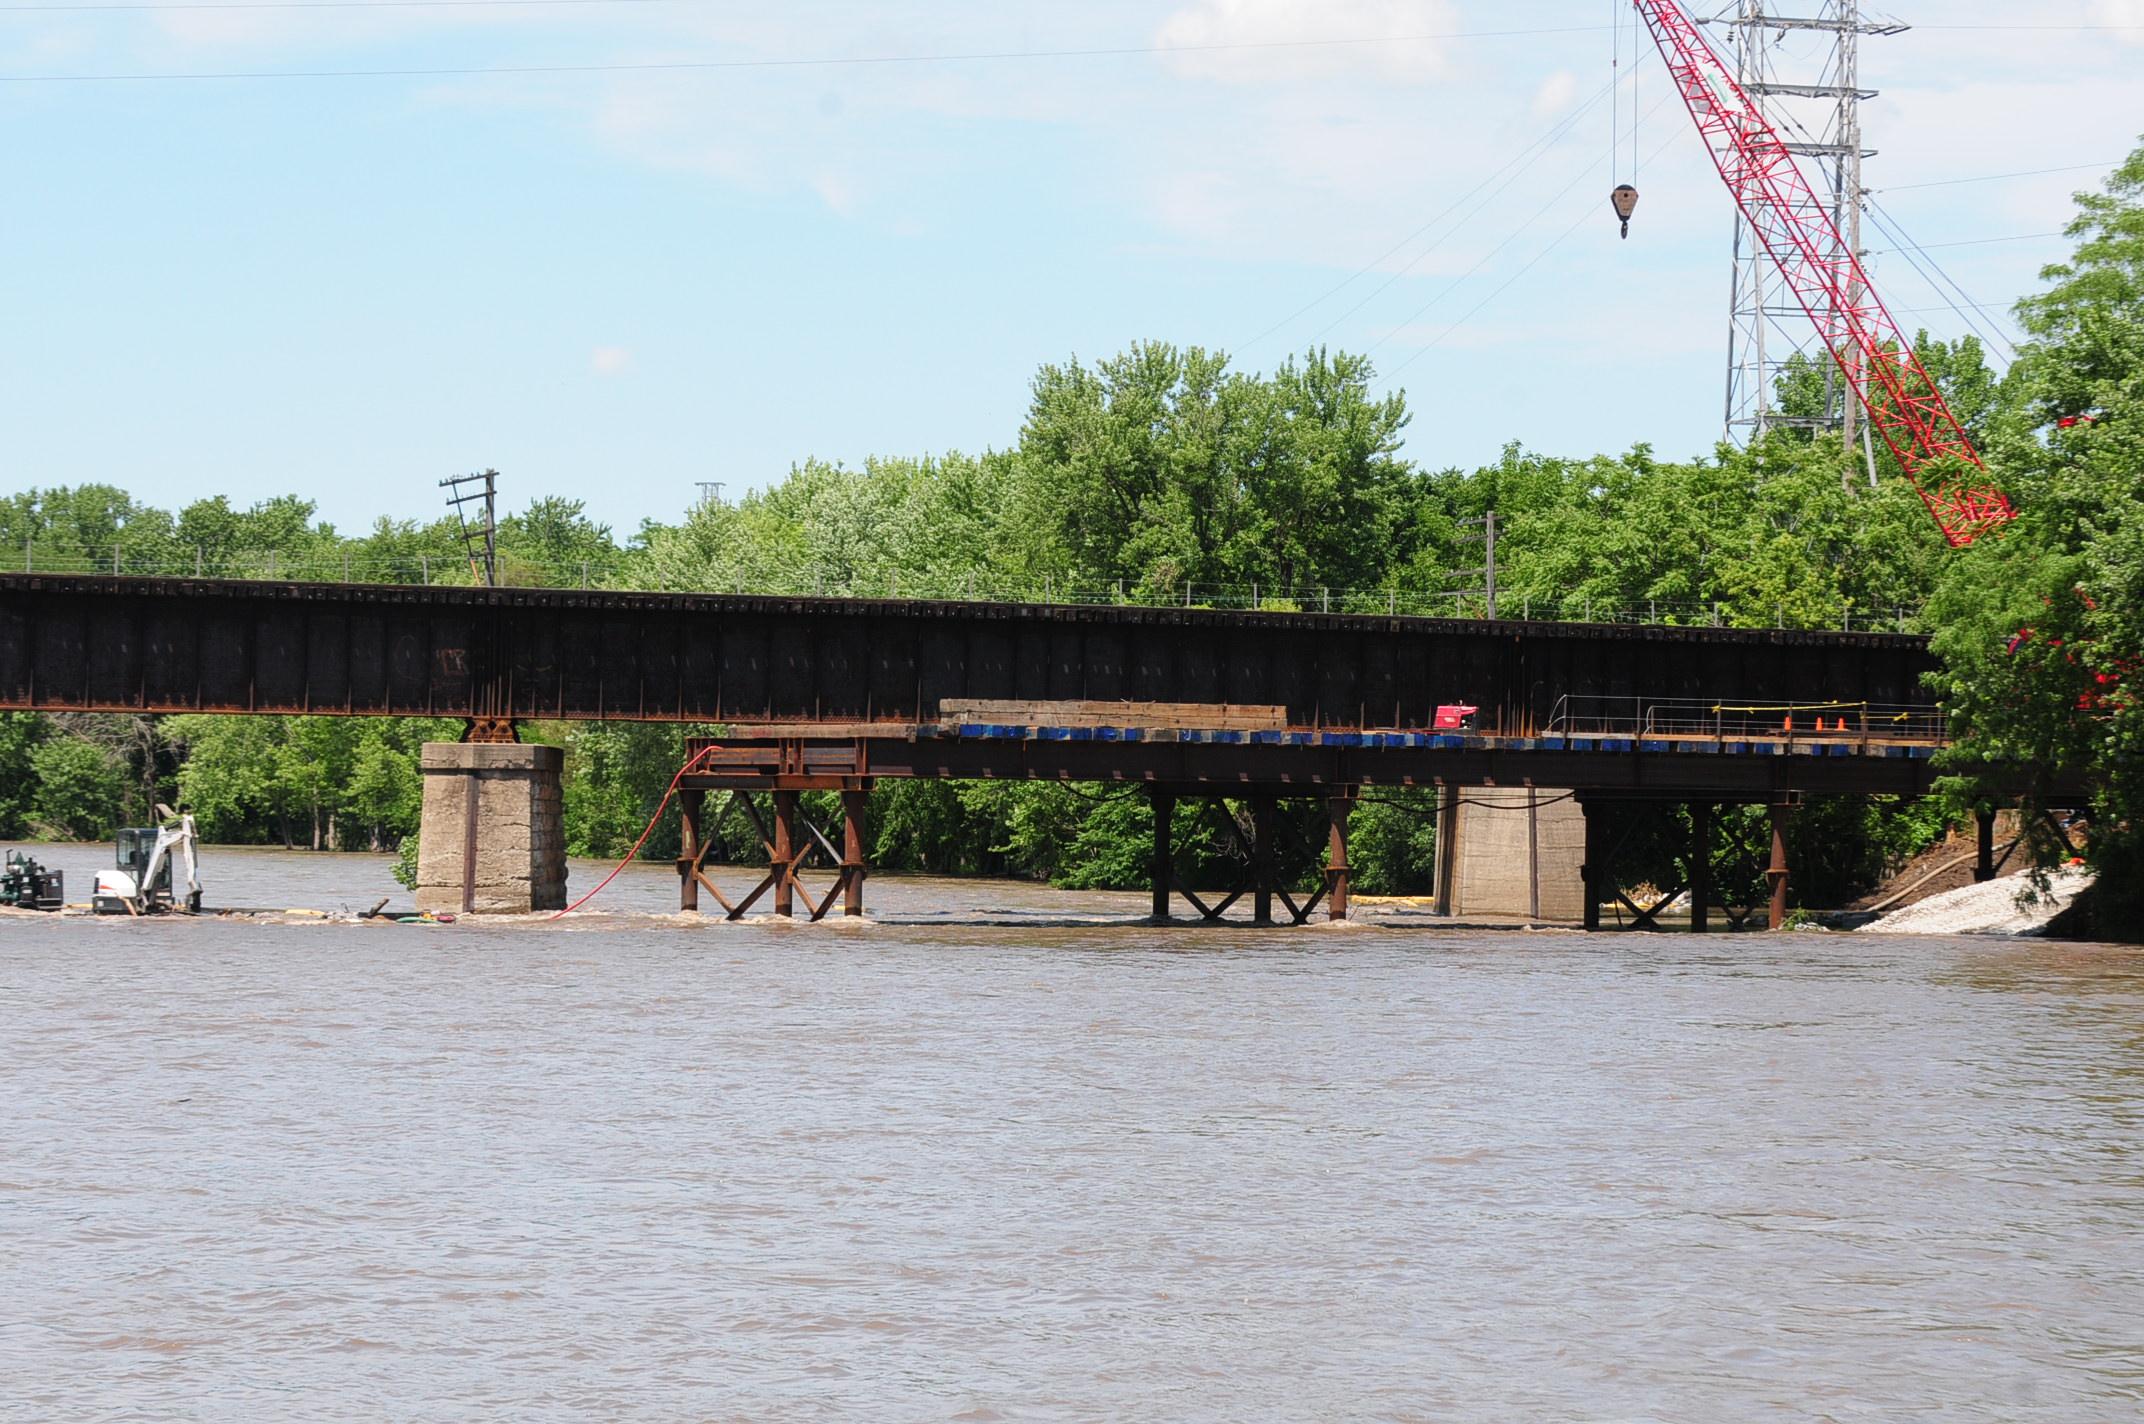 Kankakee River 6.16.17 temporary bridge